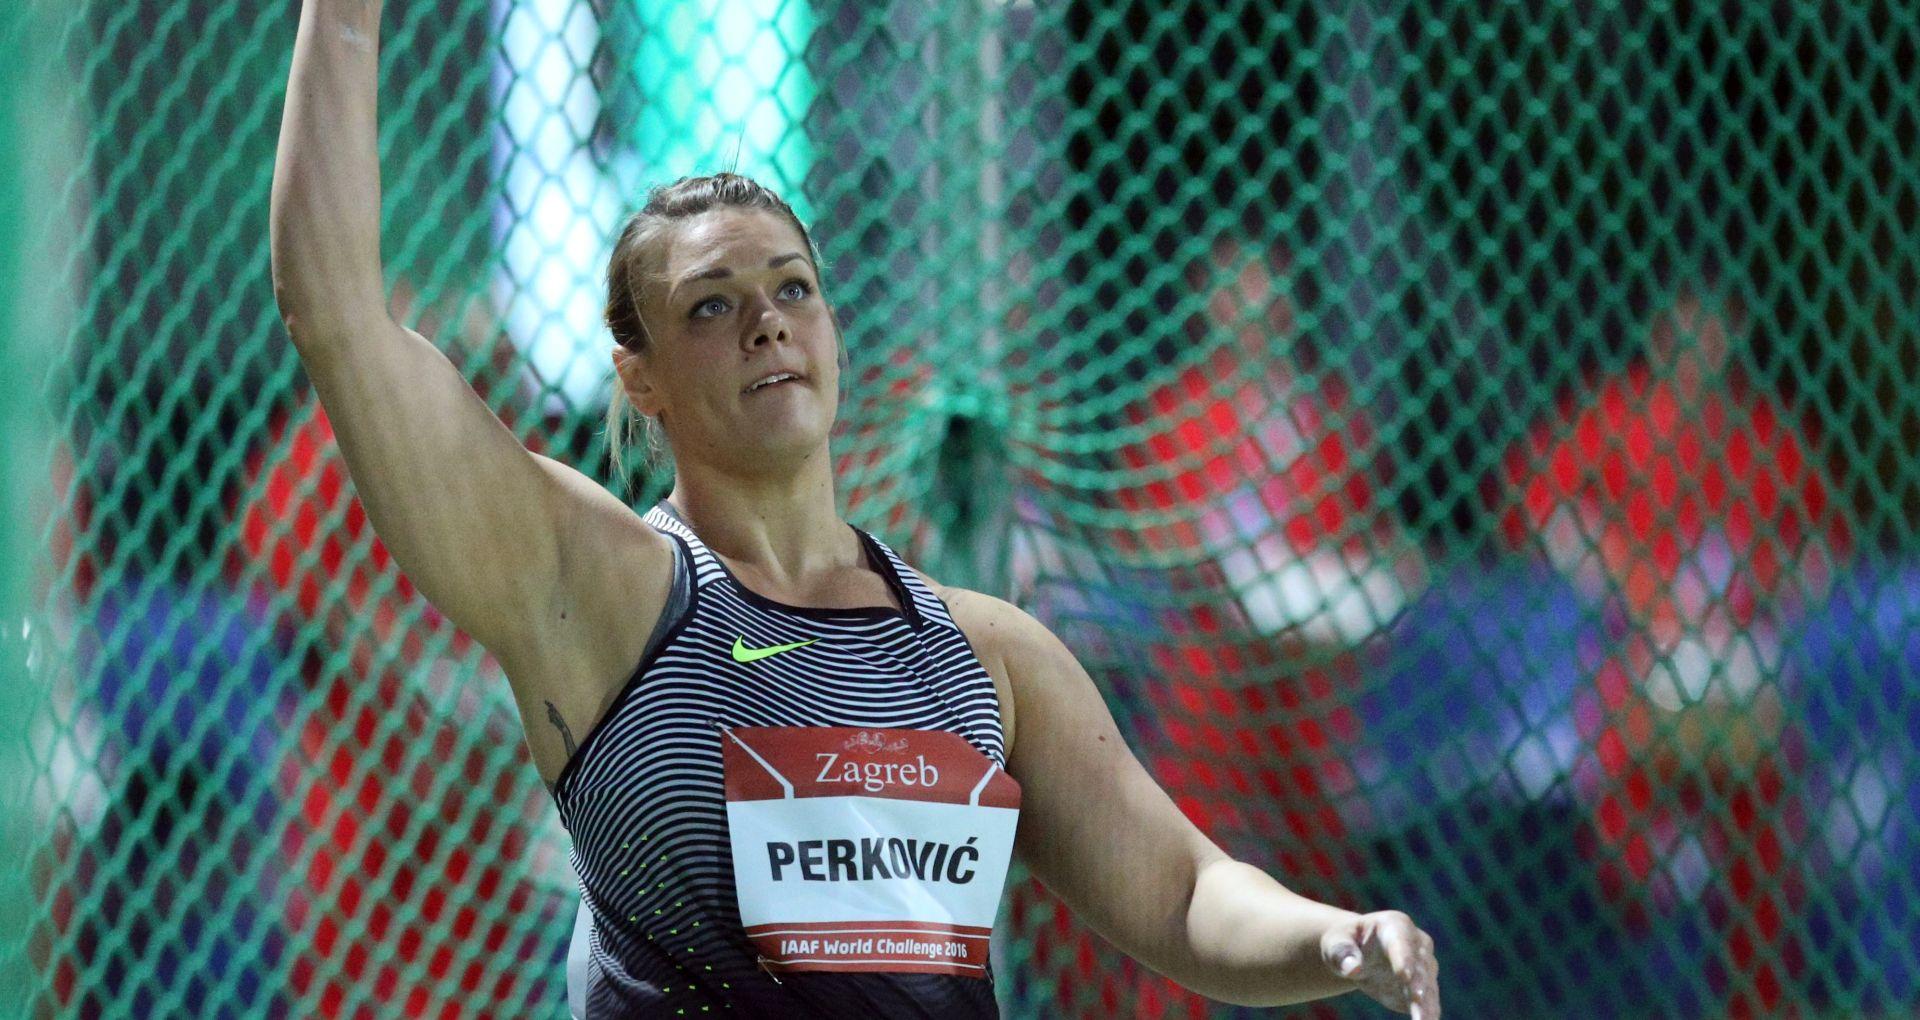 Sandra Perković postavila novi hrvatski rekord